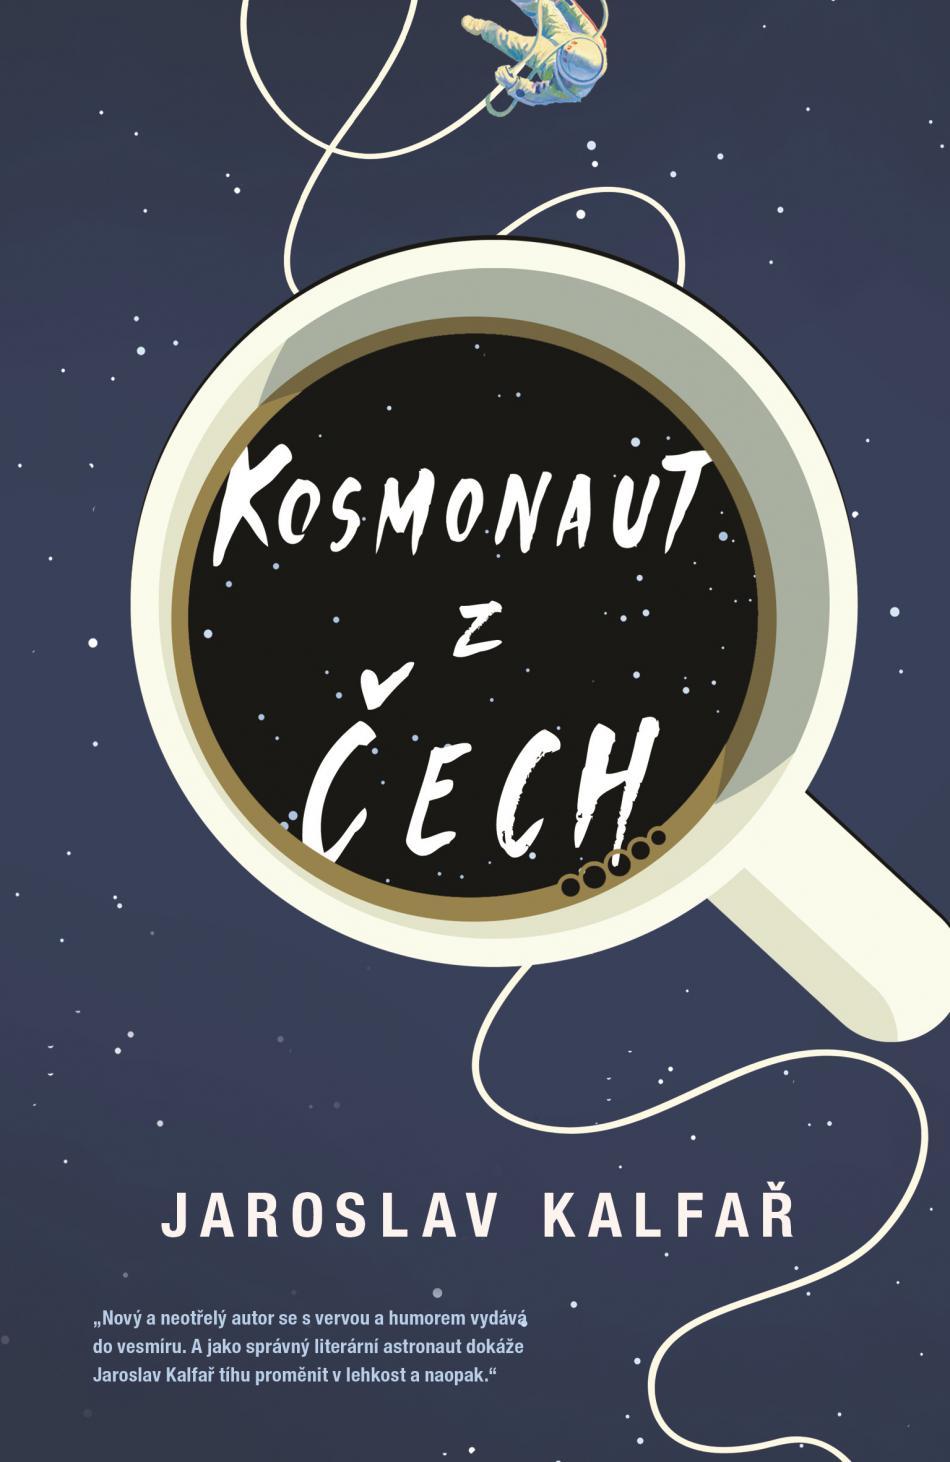 Jaroslav Kalfař / Kosmonaut z Čech